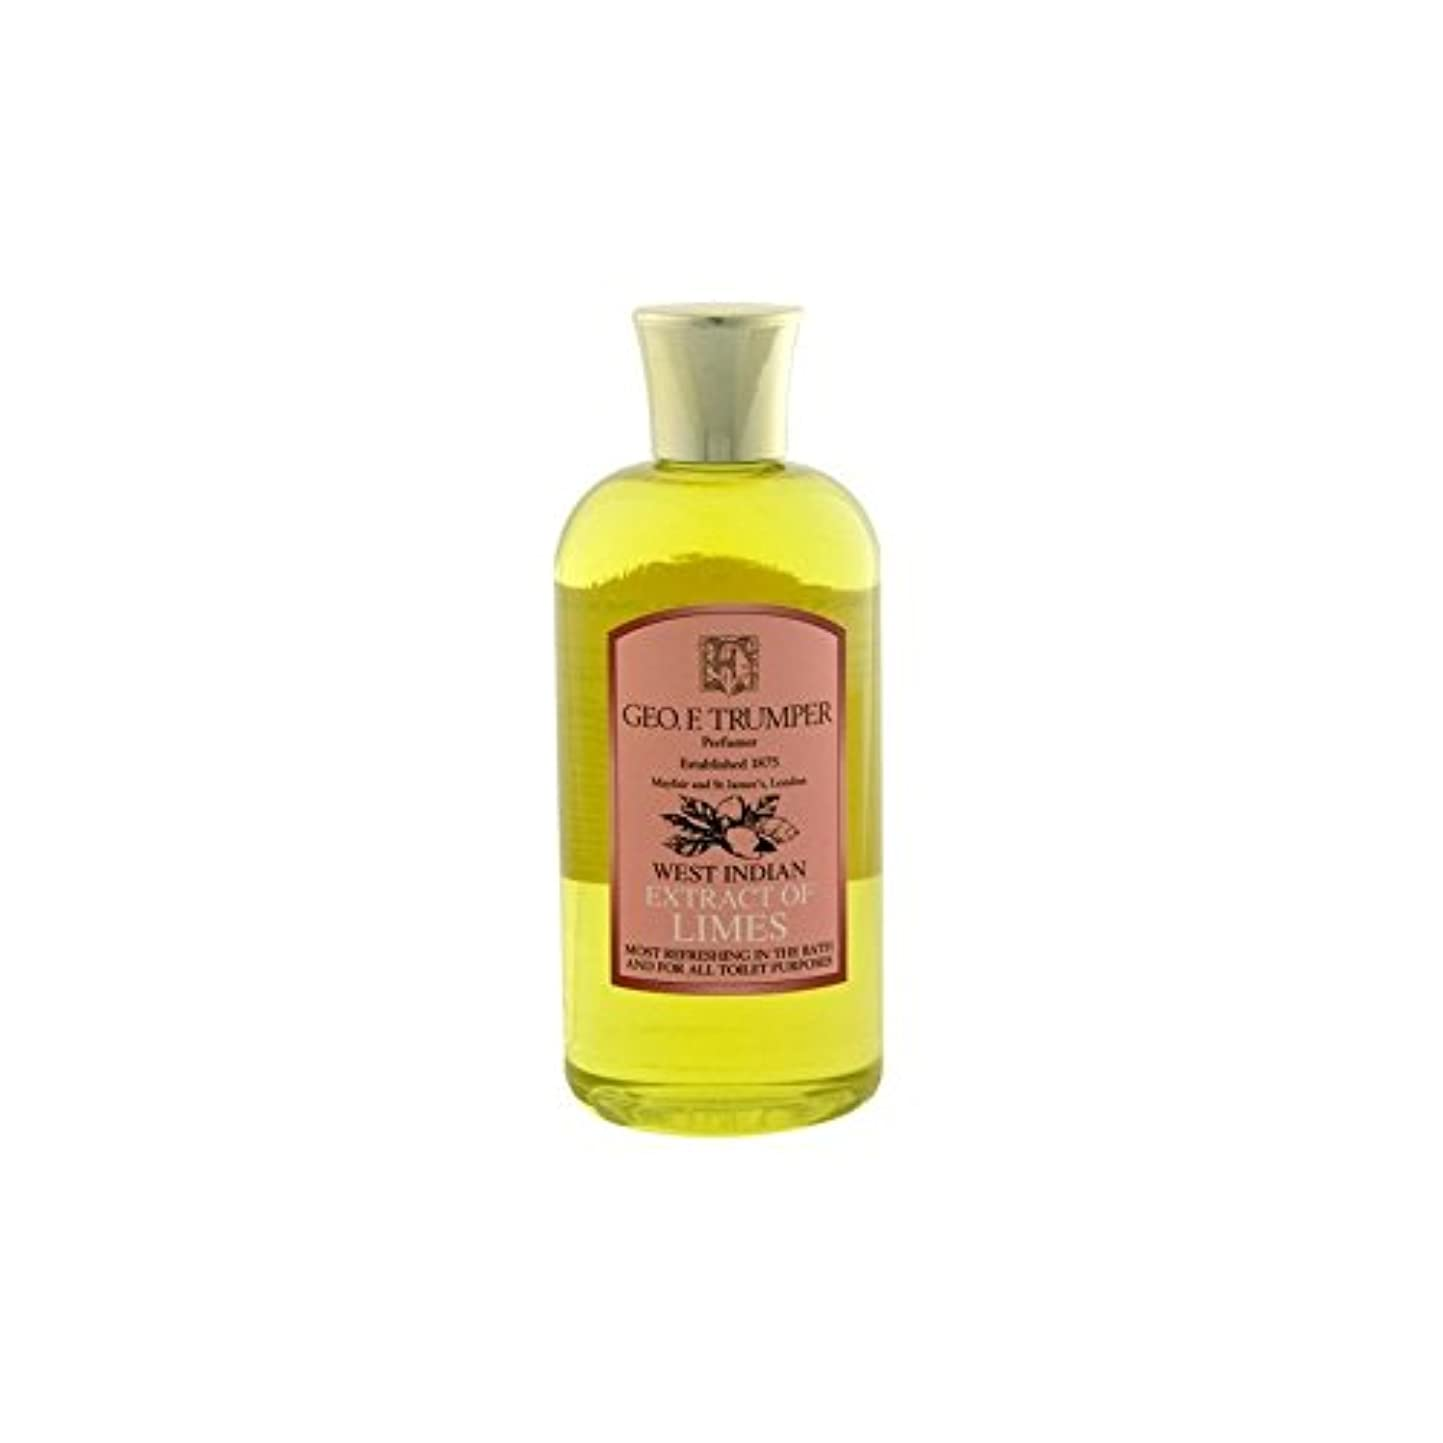 信じられないお風呂同様にライムのバス&シャワージェル - 500ミリリットル旅 x2 - Trumpers Limes Bath & Shower Gel - 500ml Travel (Pack of 2) [並行輸入品]